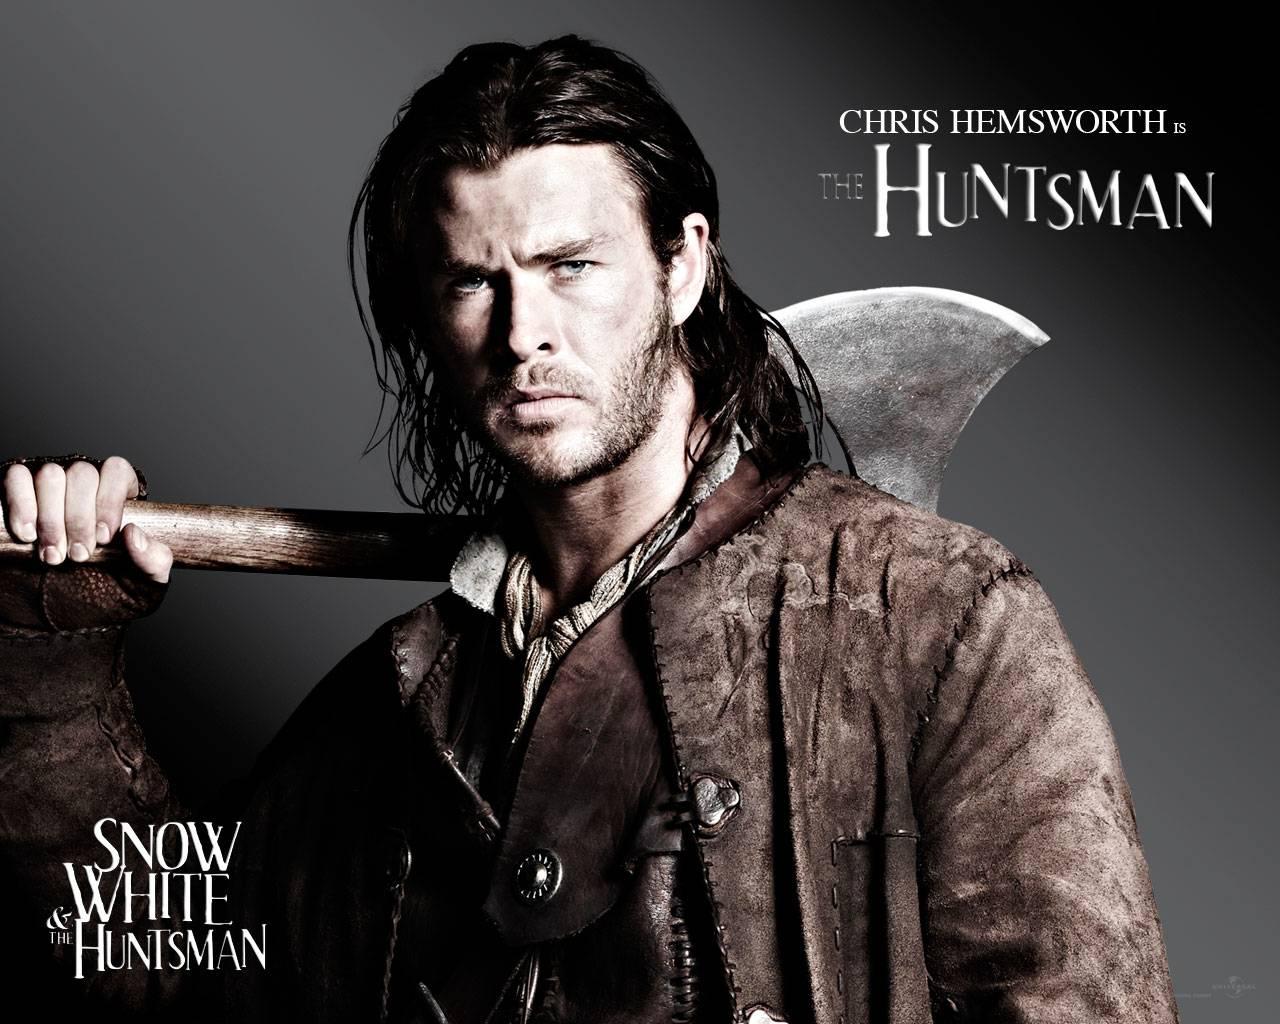 http://2.bp.blogspot.com/-MKJ-x7EMQPU/T_XNOums7KI/AAAAAAAAApA/Or2Y_NtZrik/s1600/Snow-White-And-The-Huntsman-2012-Film-Wallpaper-474810.jpg